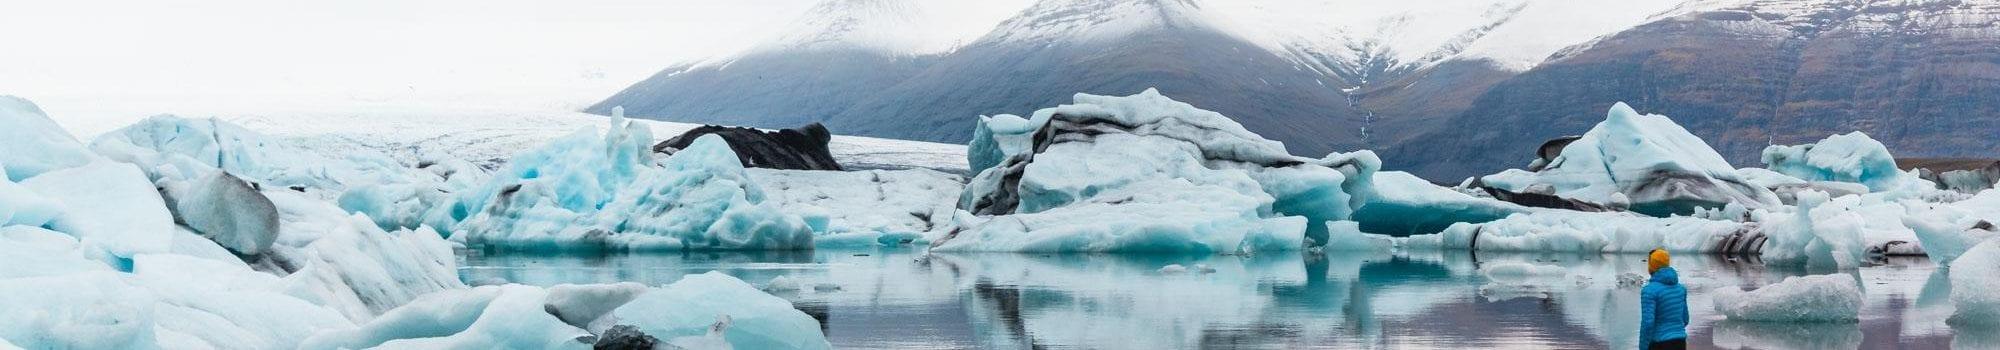 Blue icebergs floating on a lagoon in Jokulsarlon